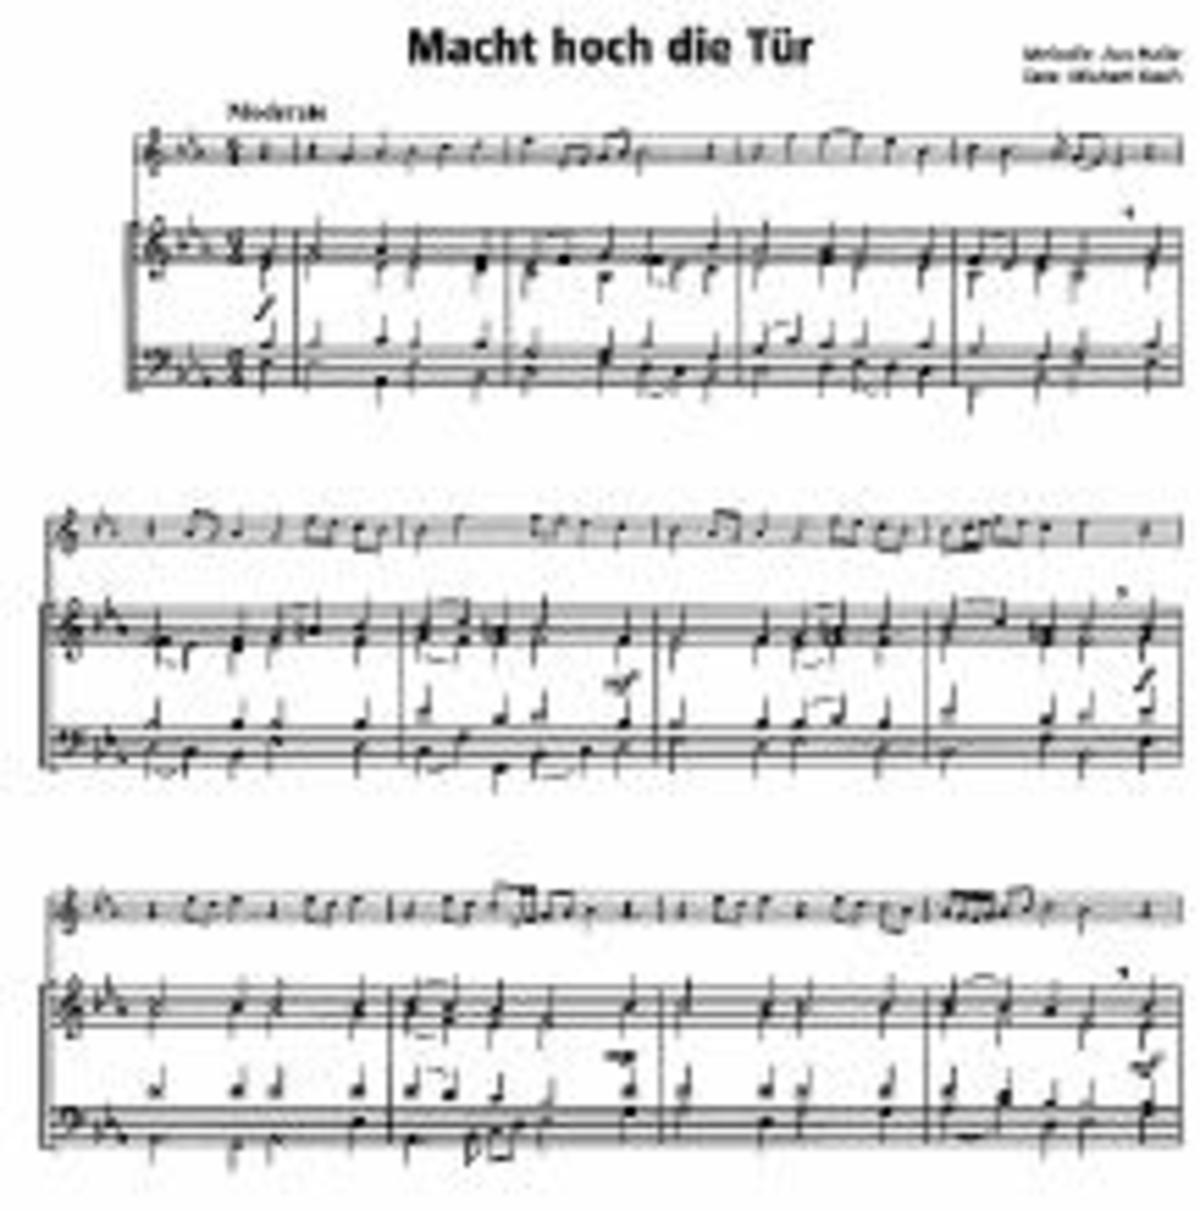 Aktuelle Weihnachtslieder.Dvo Druck Und Verlag Obermayer Gmbh